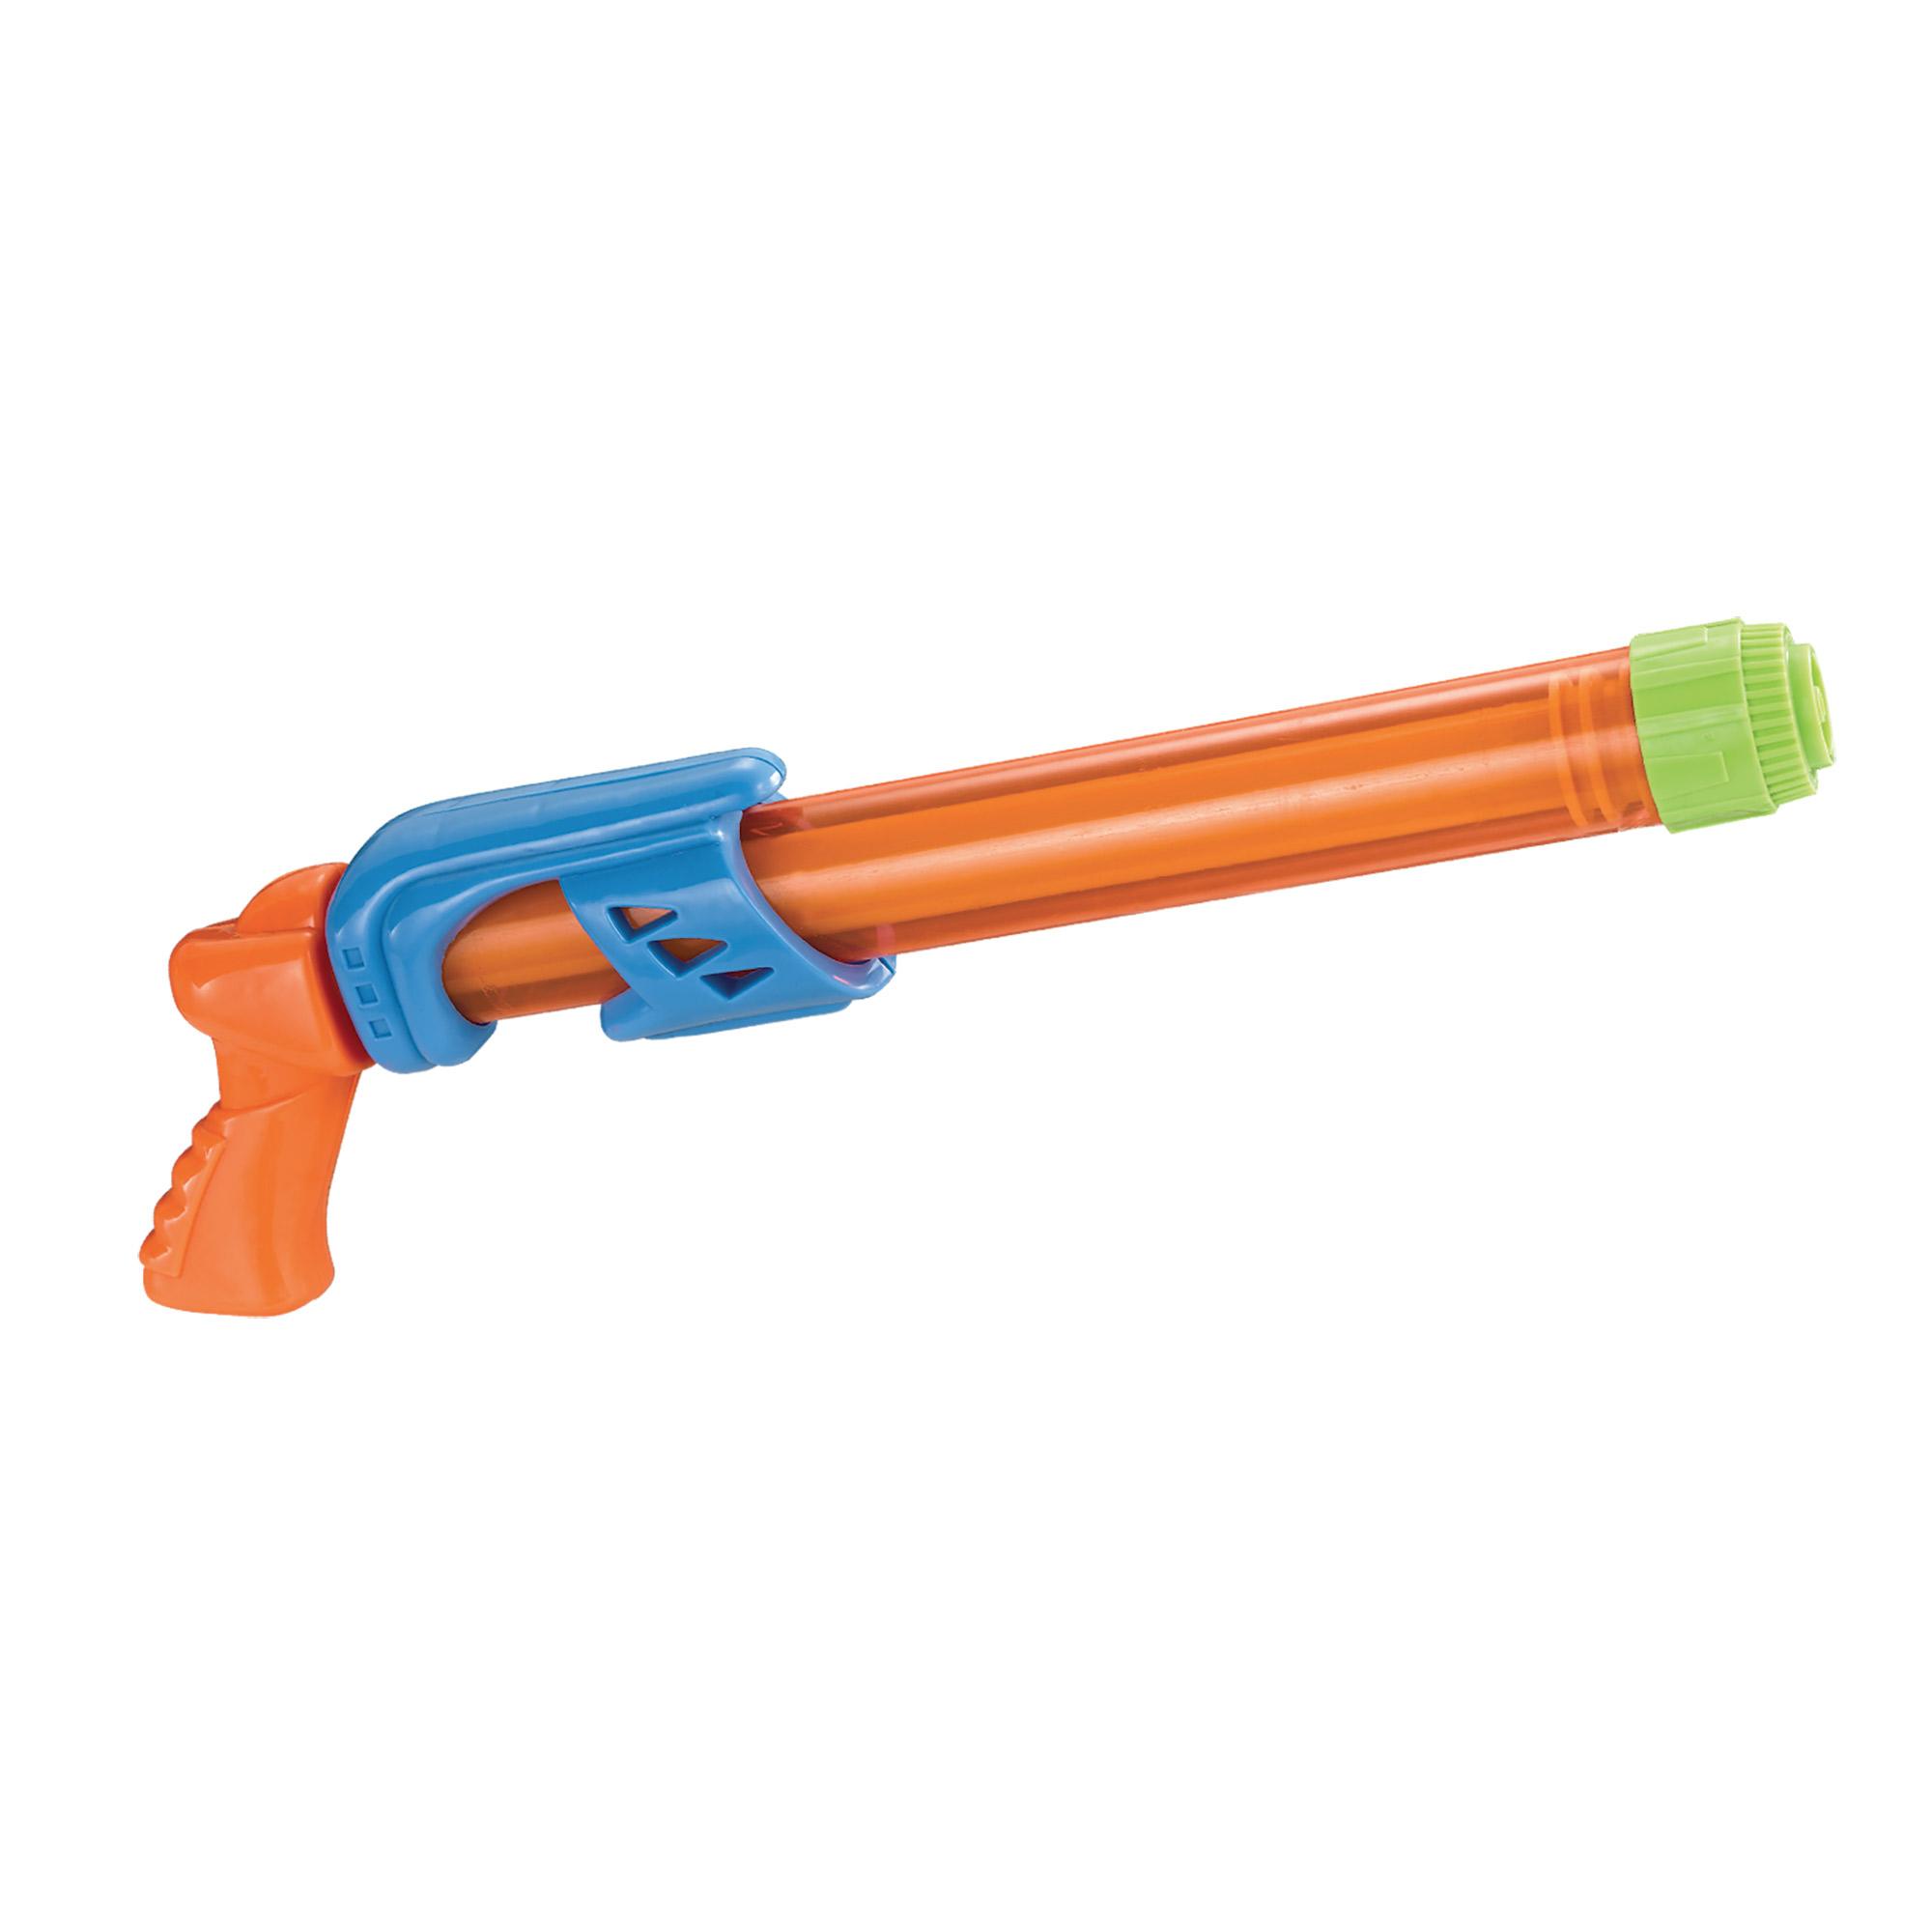 Fucile ad acqua 46cm - casette, dondoli e set per l'aria aperta - giochi all'aperto e sportivi - giocattoli - SUN&SPORT